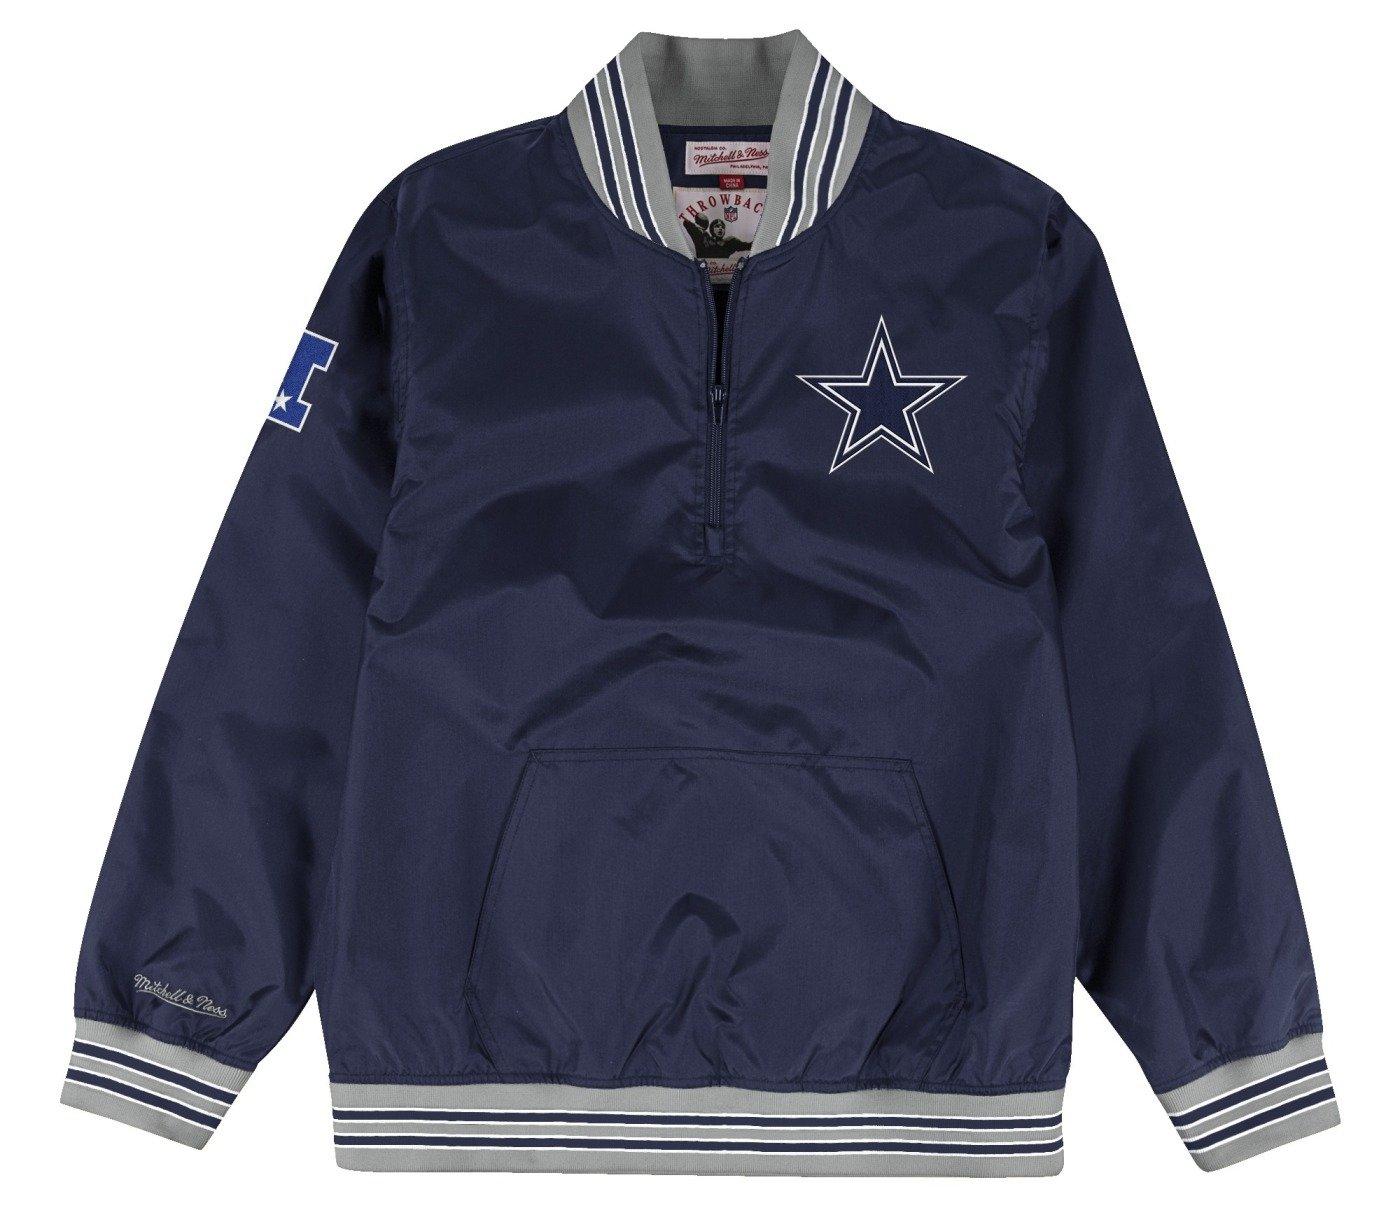 Mitchell & Ness Dallas Cowboysメンズ1 / 4 Zipナイロンプルオーバーウィンドブレーカージャケット 3L  B073SCG5G5